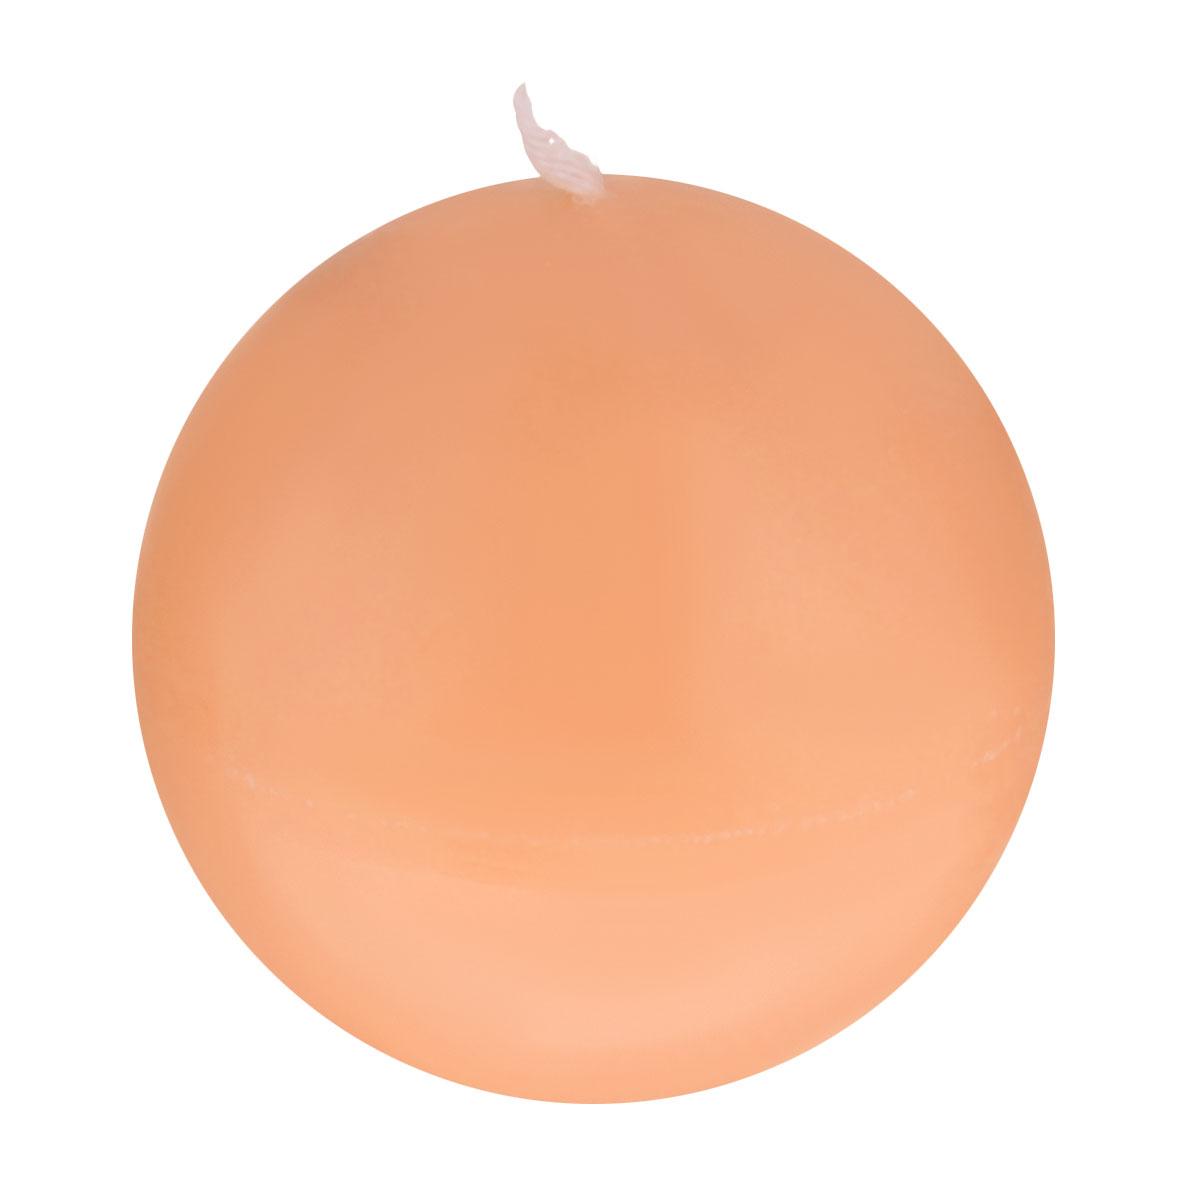 Свеча декоративная Proffi Шар, цвет: оранжевый, диаметр 7,5 смES-412Шарообразная декоративная свеча Proffi Шар изготовлена из парафина, стеарина. Предназначена для освещения и украшения помещений. Такая свеча может стать отличным подарком или дополнить интерьер вашей спальни или гостиной.